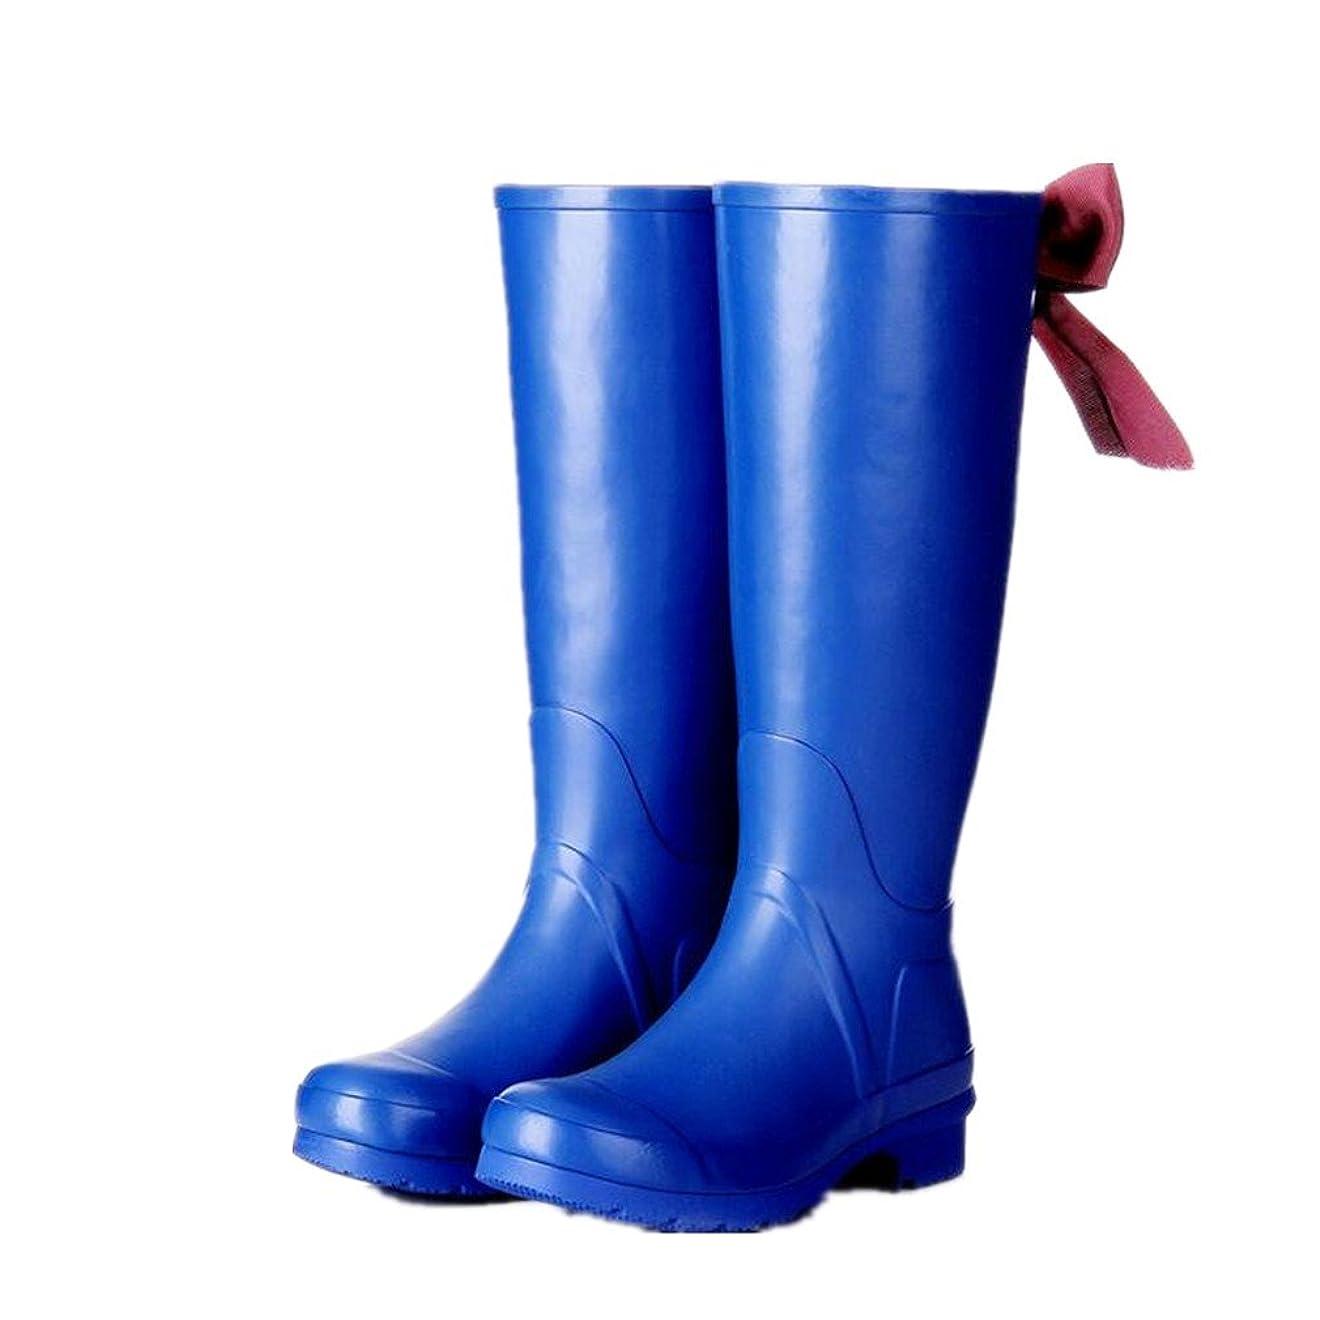 大学院汚す陪審MARIAH(マリア) 靴 雨 雨靴 長靴 シューズ レインシューズ ブーツ レインブーツ ロングブーツ レディース